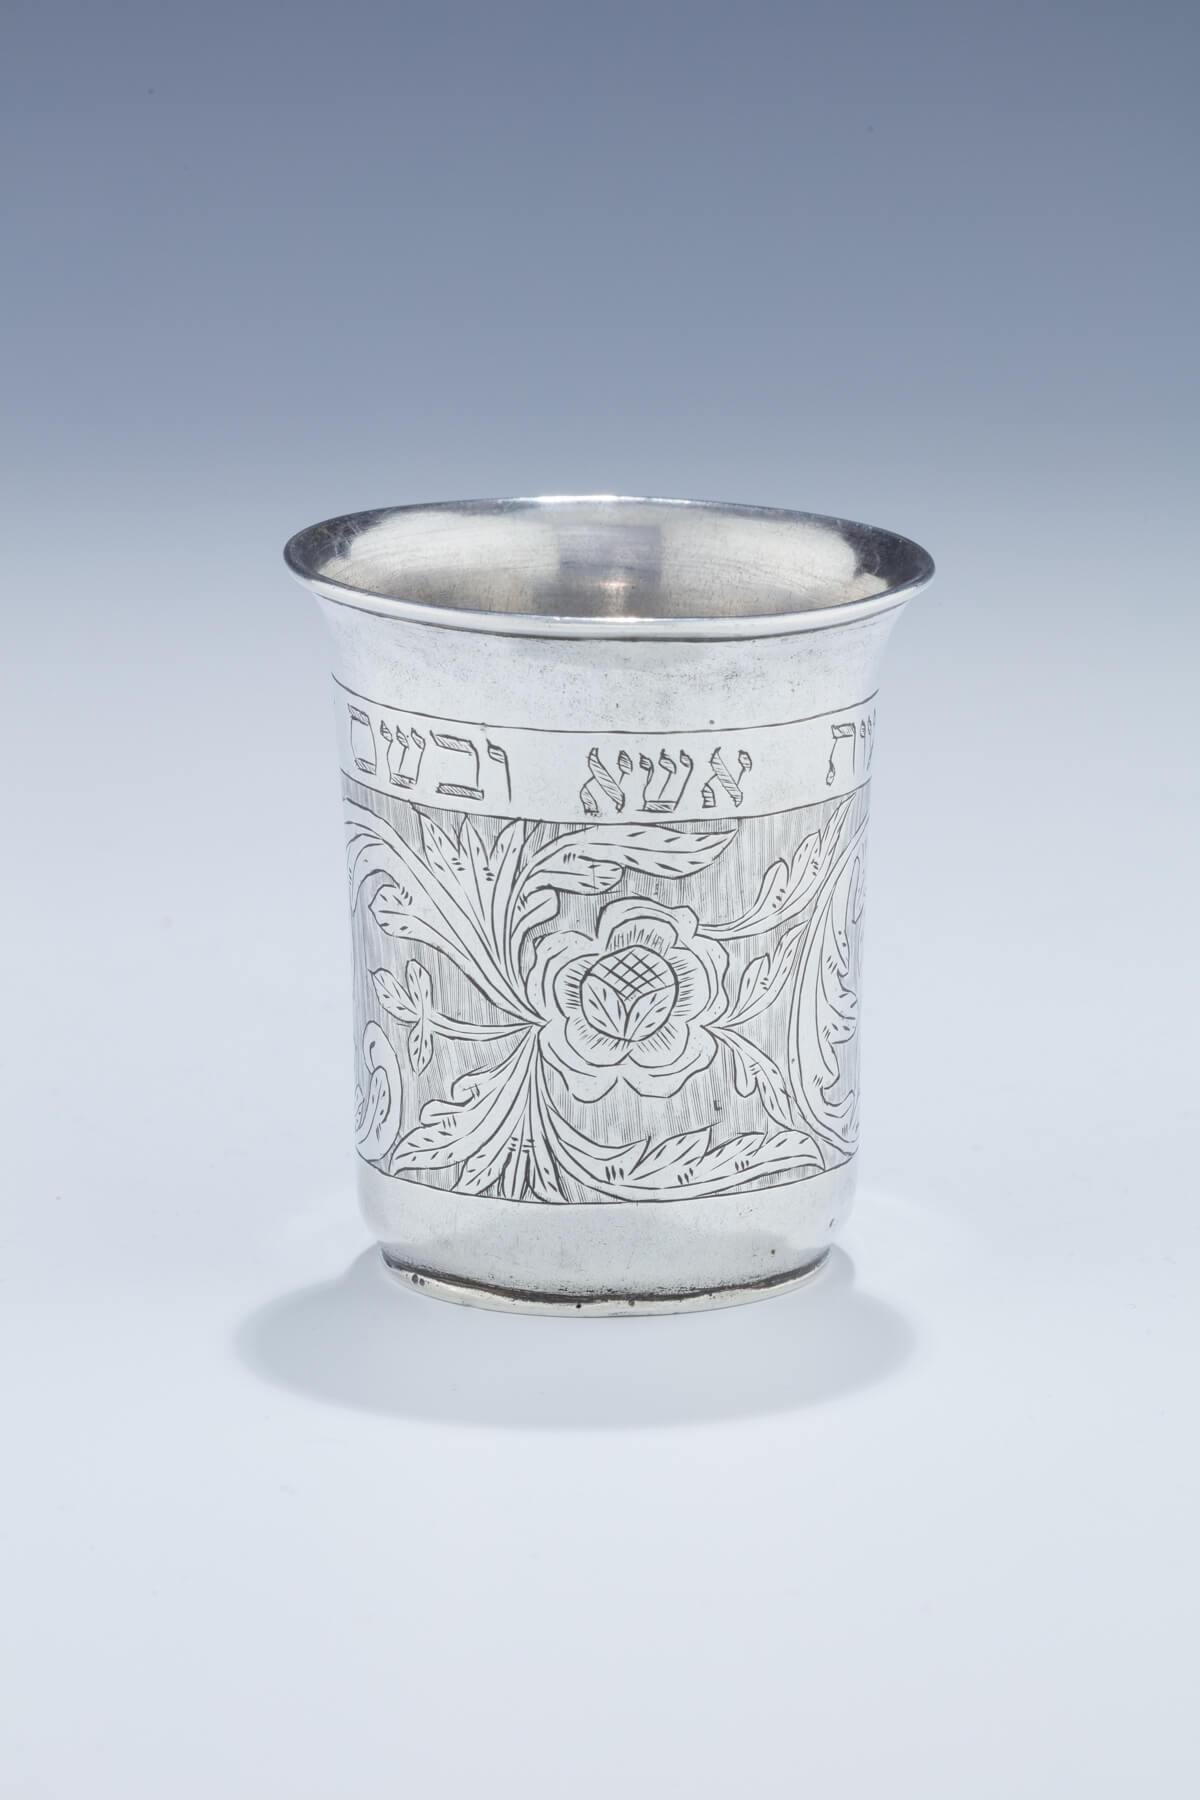 062. A Silver Kiddush Beaker